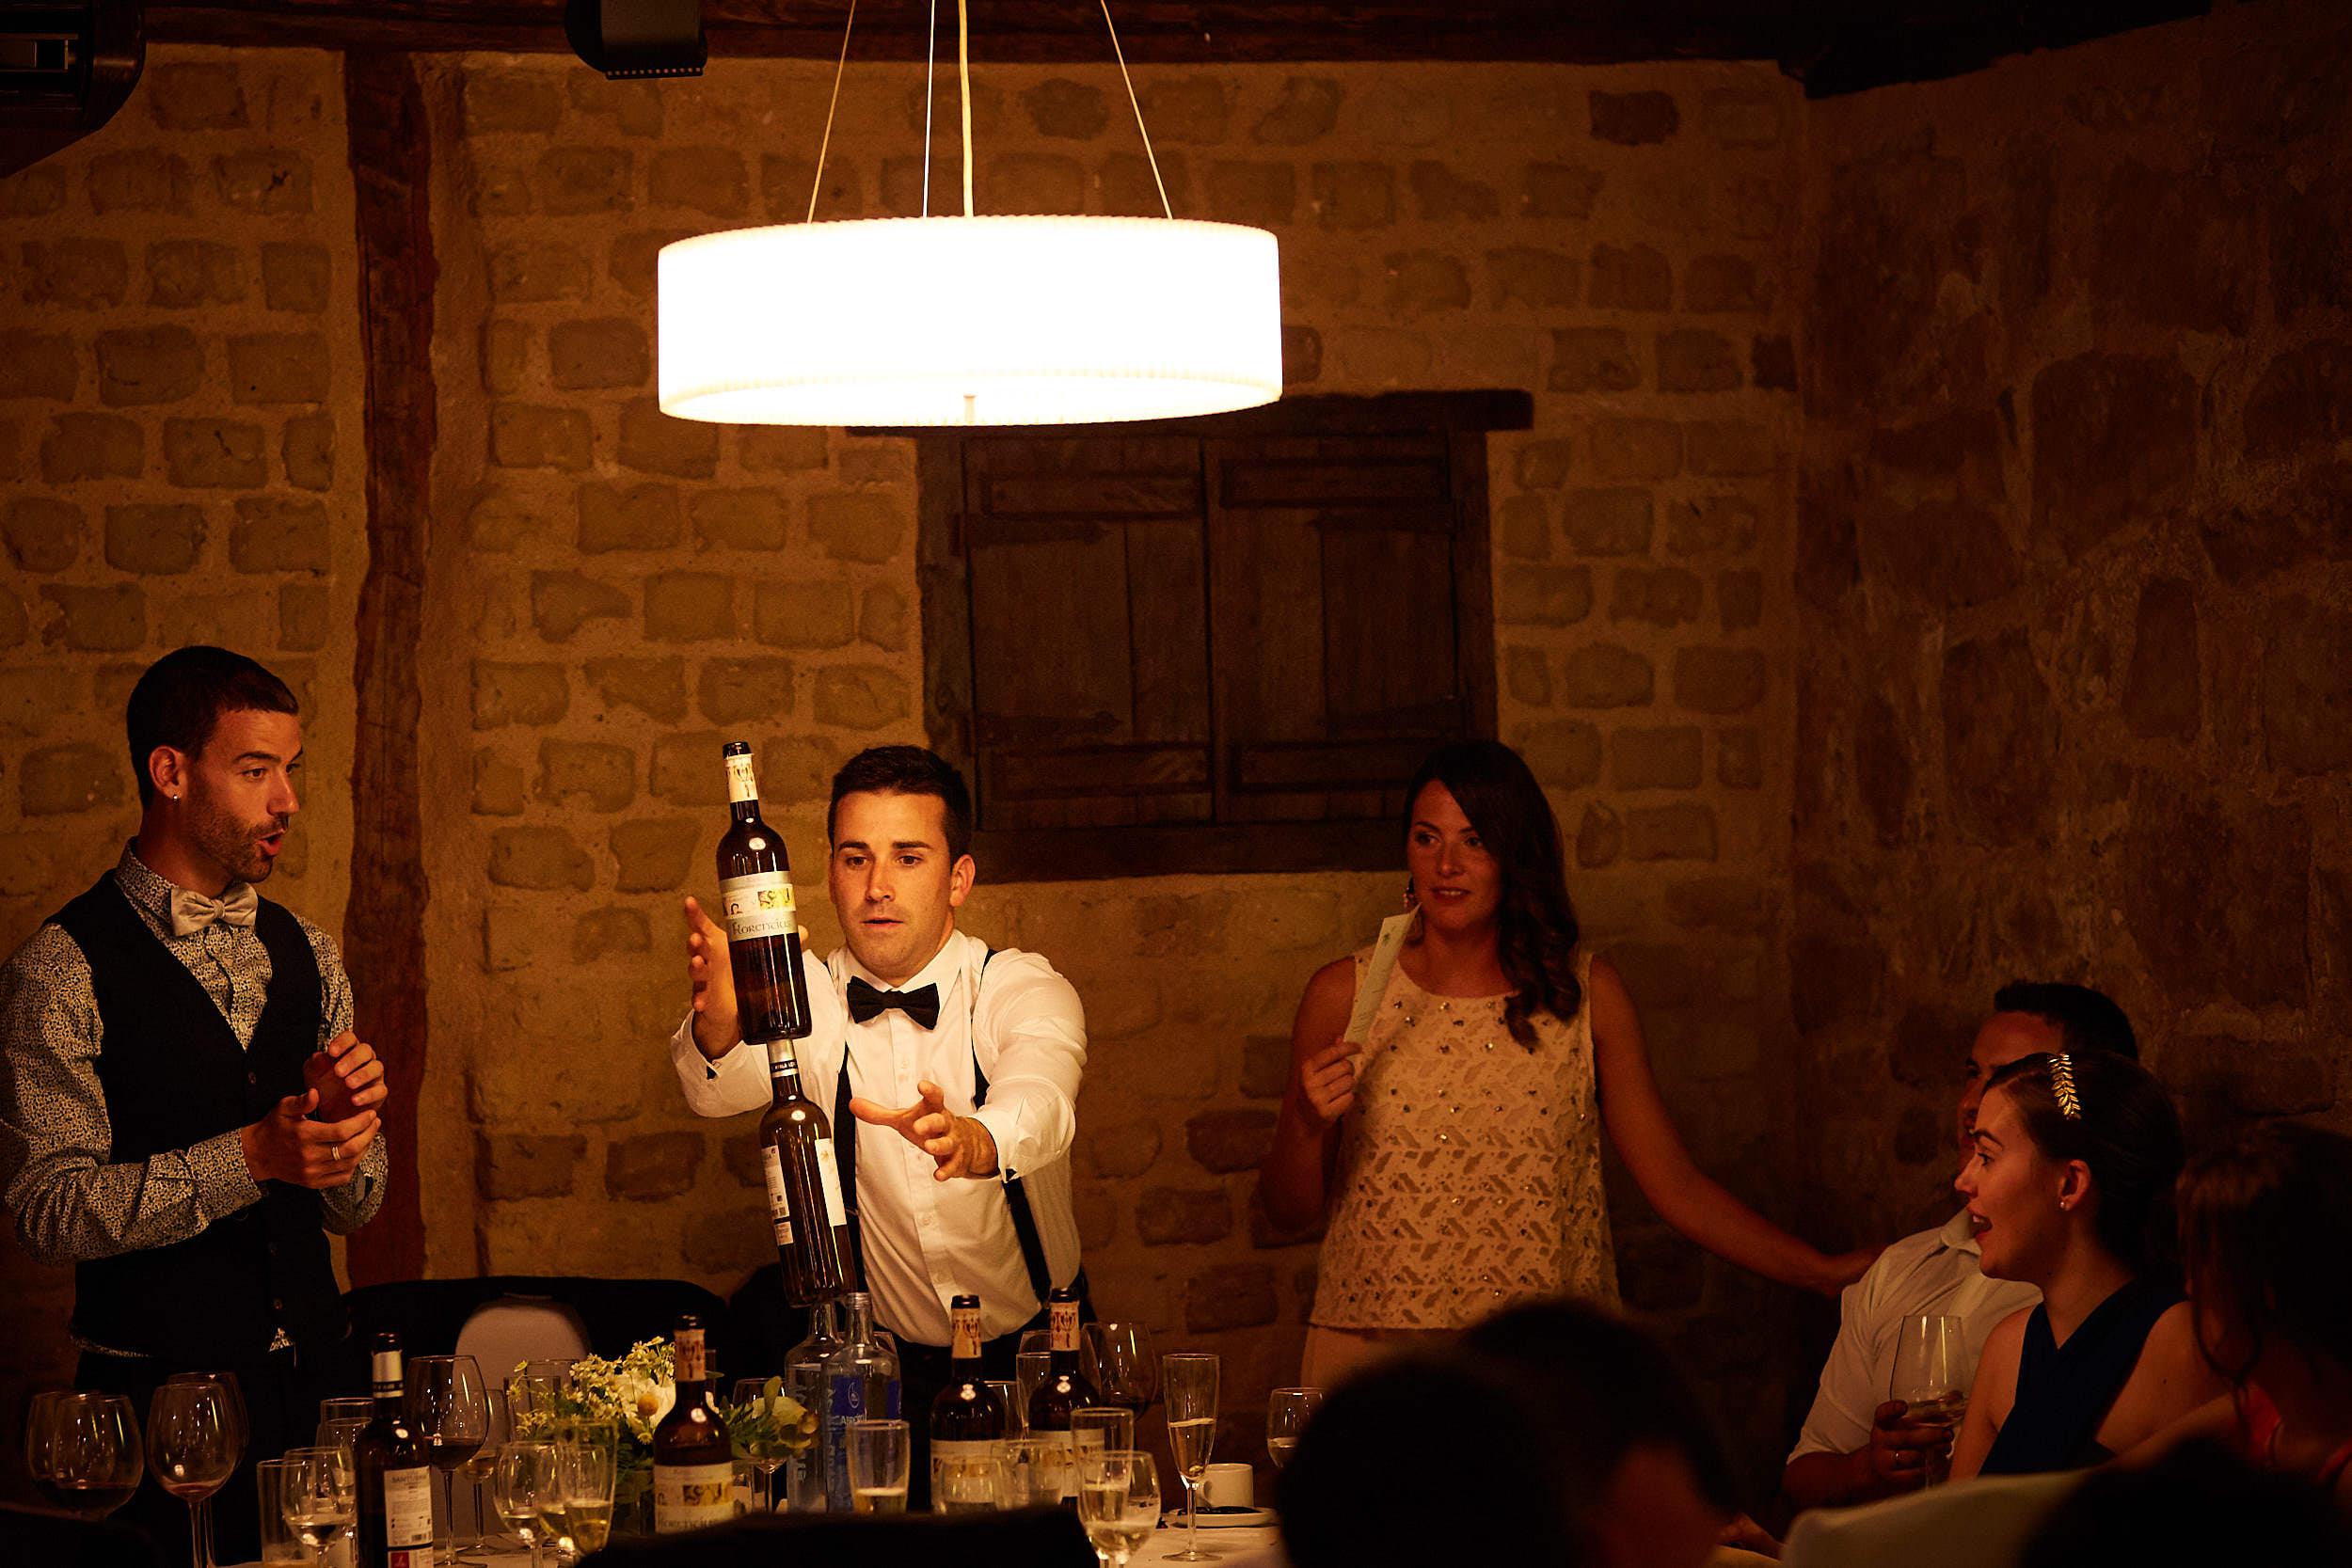 Fotógrafo de boda con estilo documental y fotoperiodismo en La Rioja Palacio Casafuerte Zarraton La Rioja Spain James Sturcke Photographer sturcke.org_00028.jpg